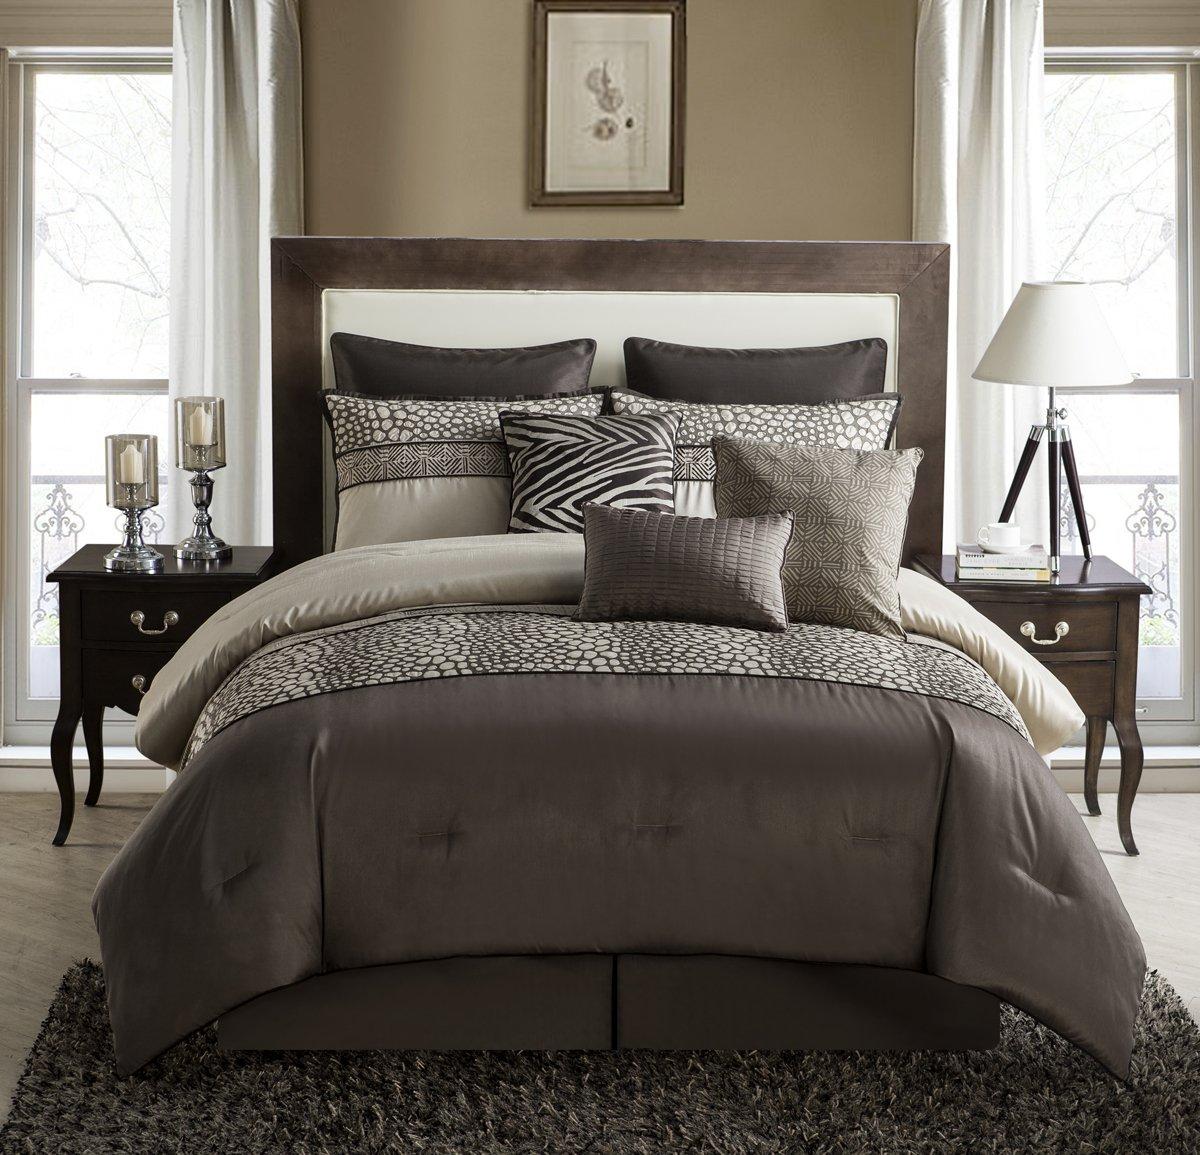 Brown KING 106  X 92  VCNY Brown Mali 9-Piece King Comforter Set